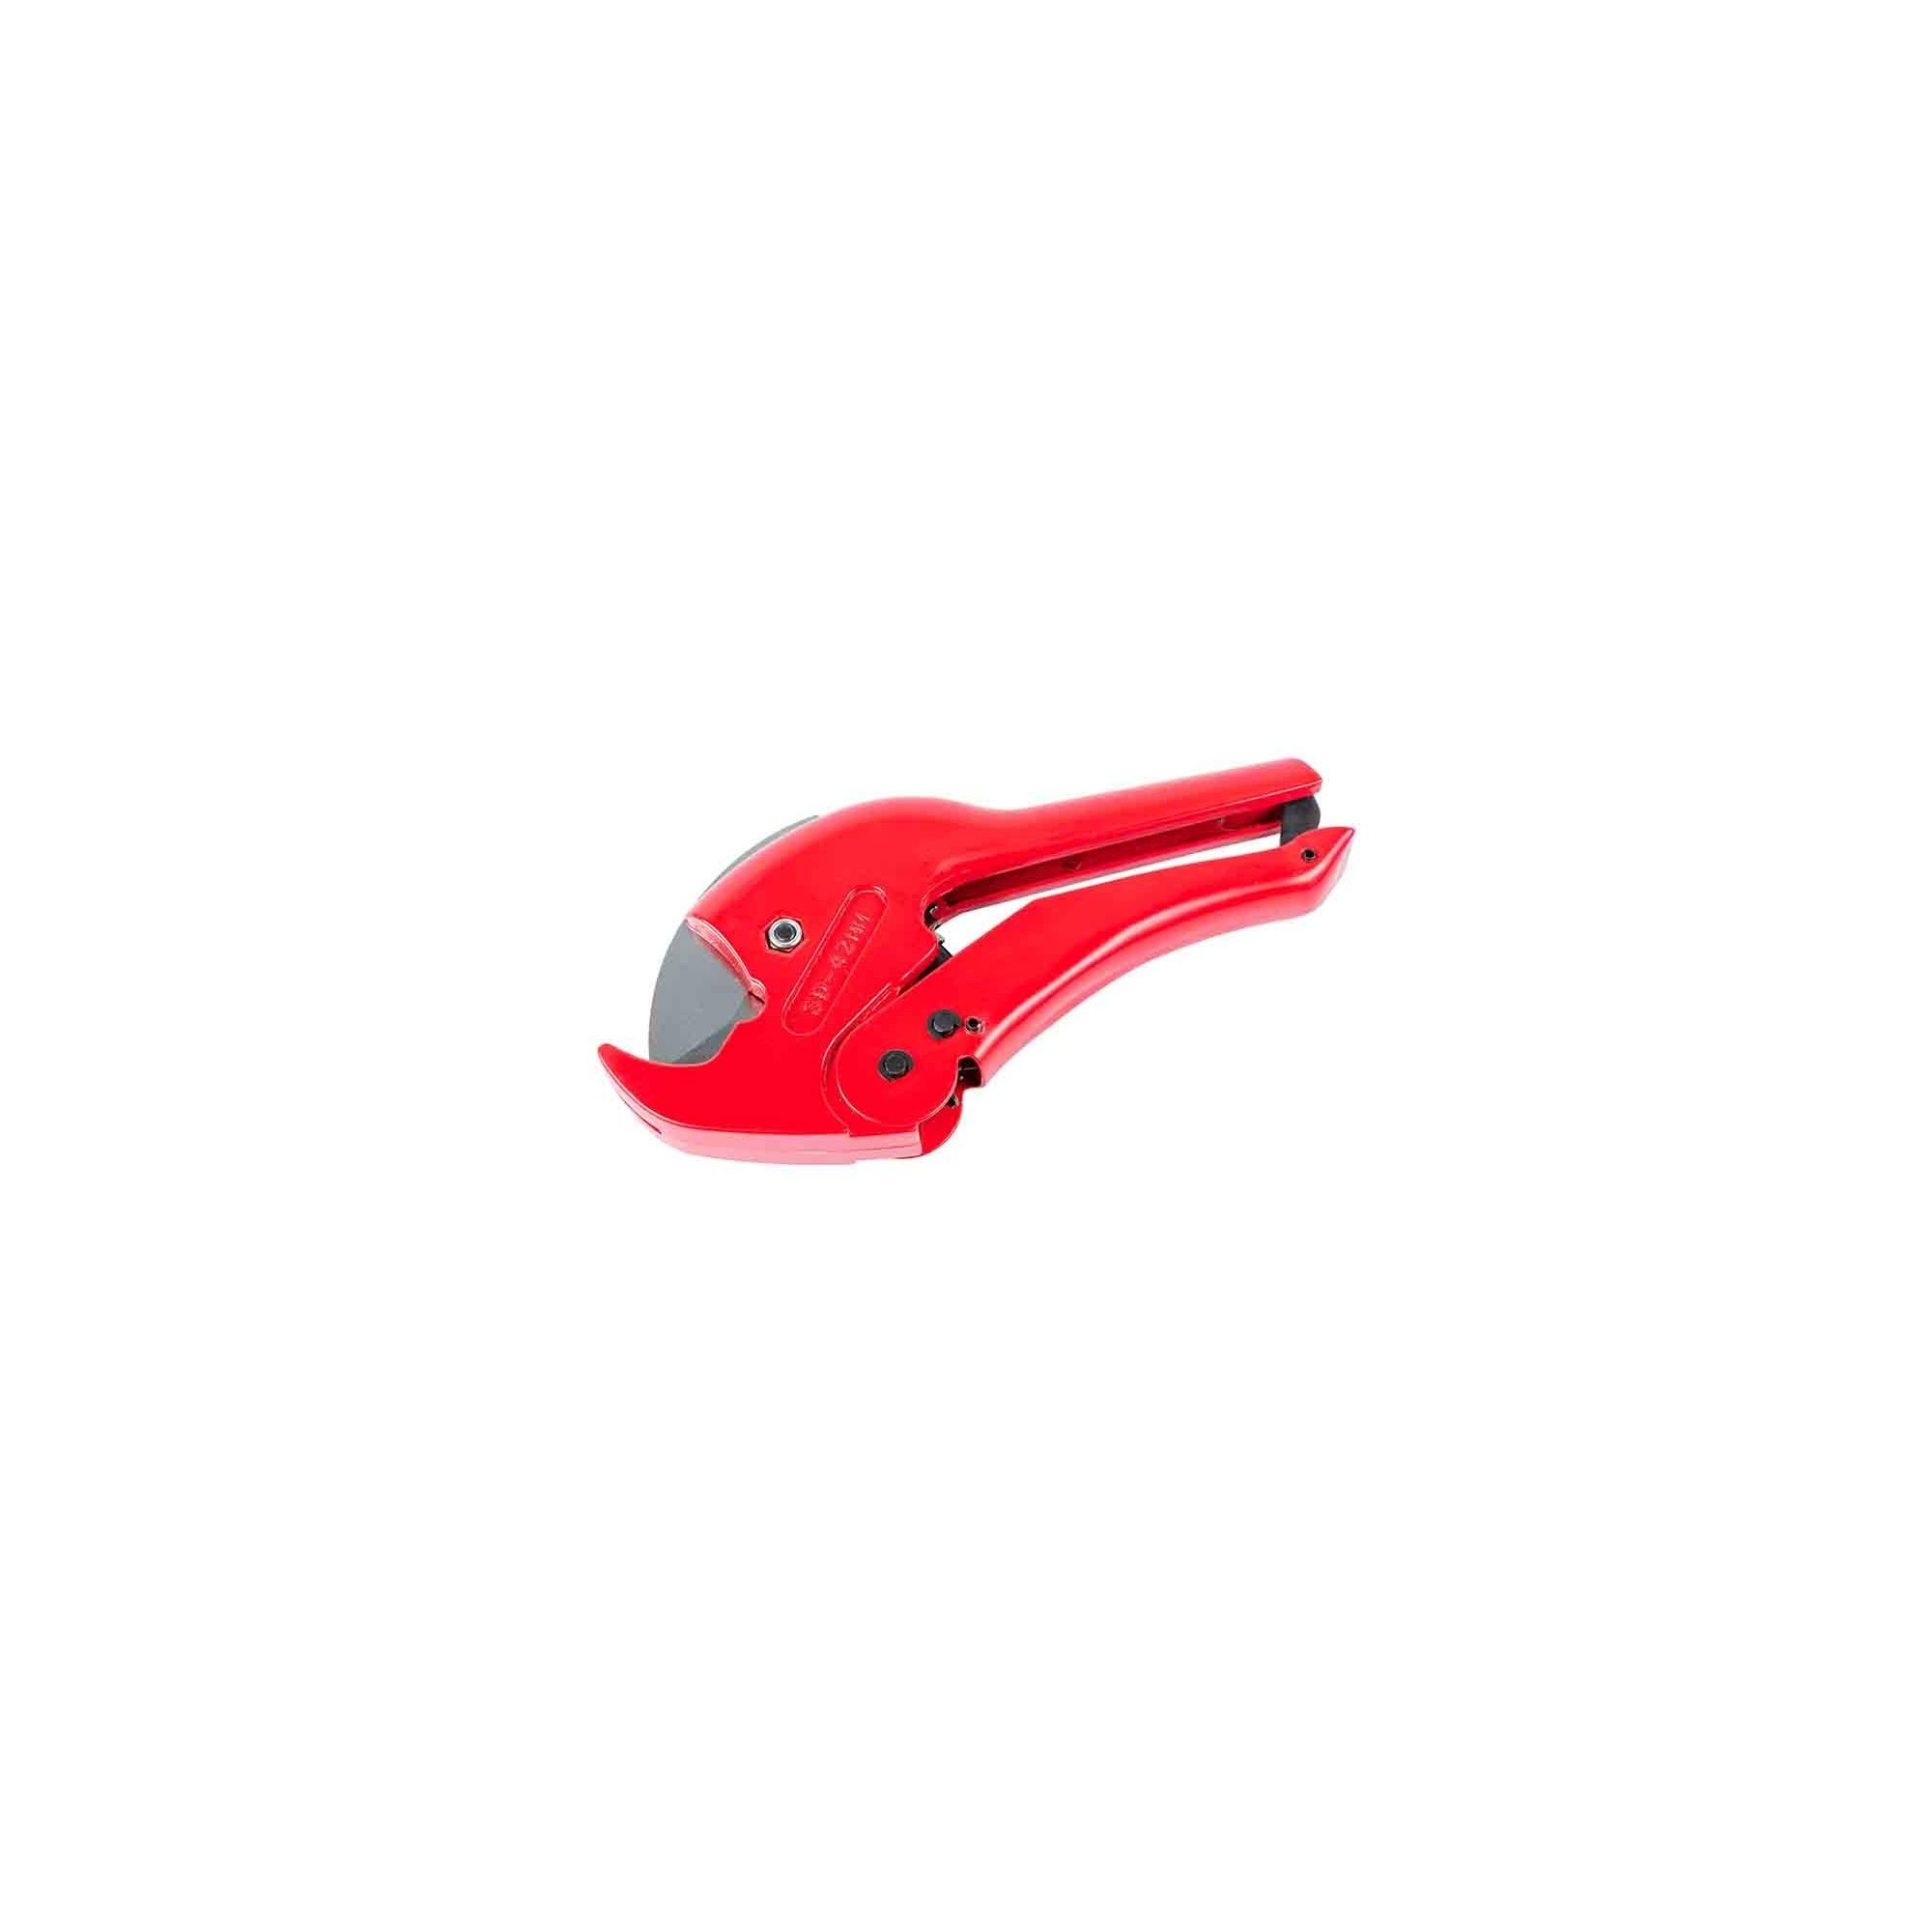 Ножницы для полипропиленовой трубы 16-40(PPR) J.G. - 1